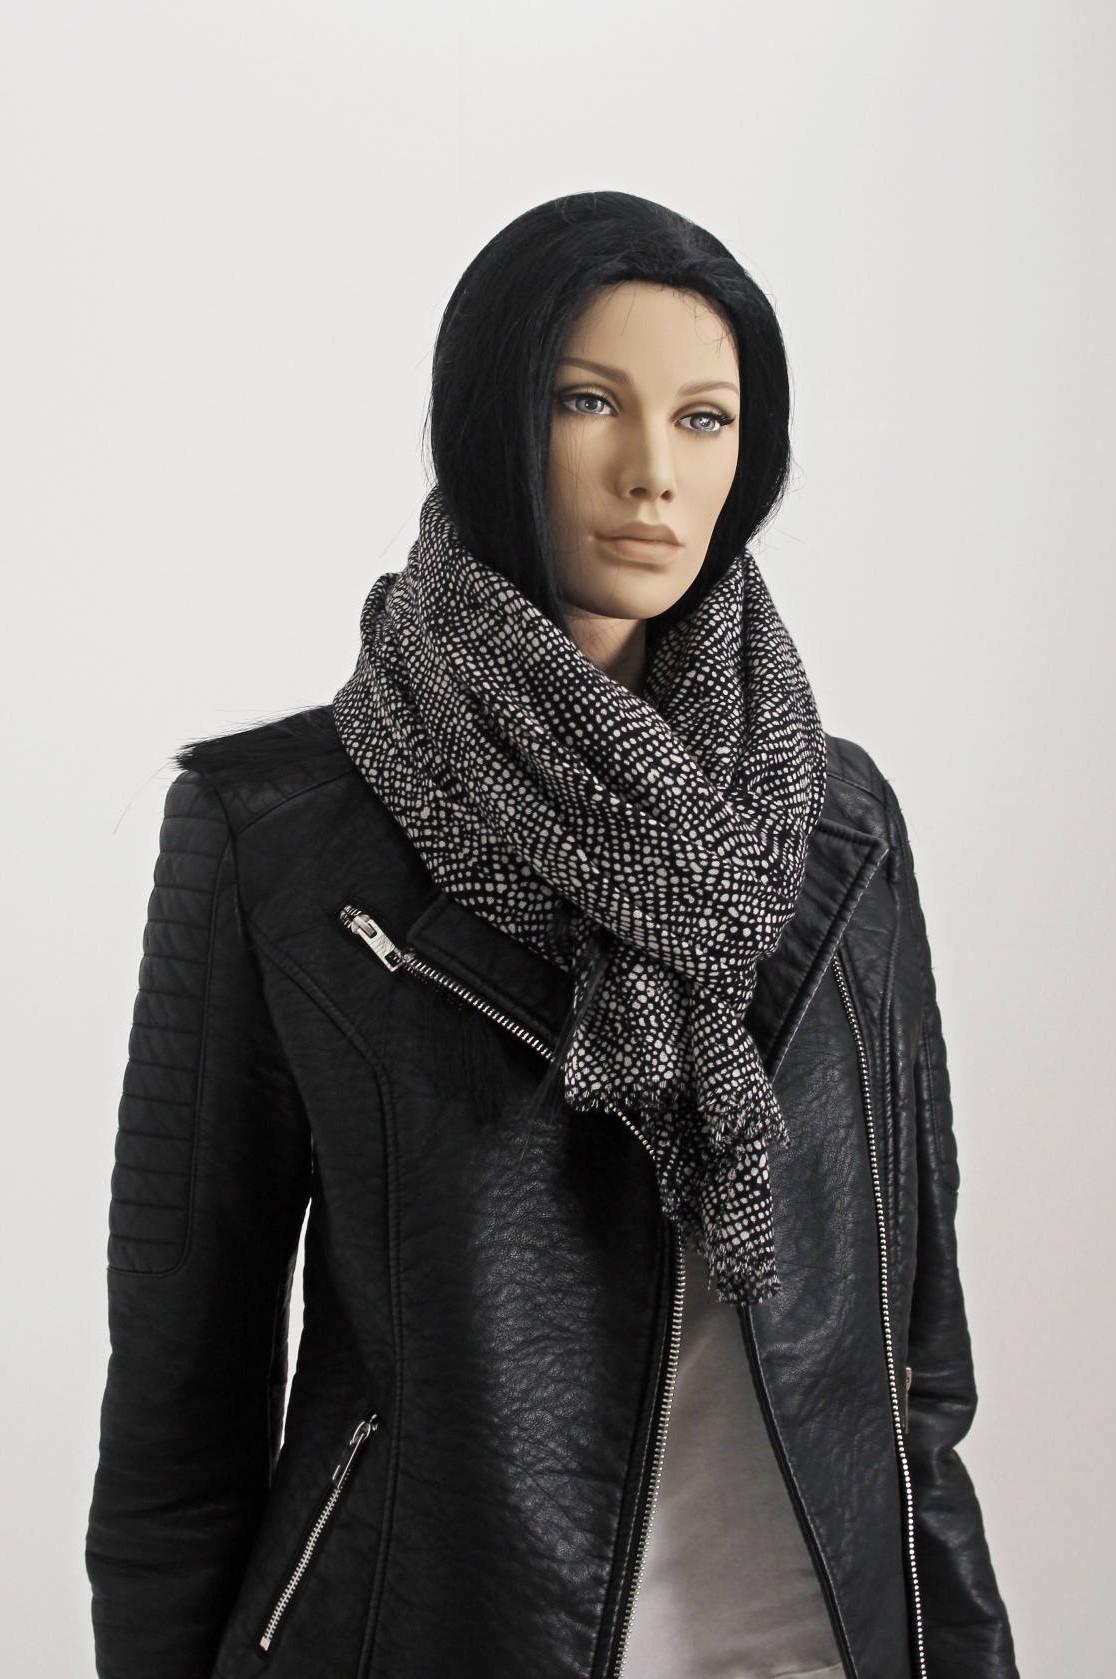 Denne naturalistiske mannequin er meget lækker, og giver et perfekt udtryk i udstillingsvinduet